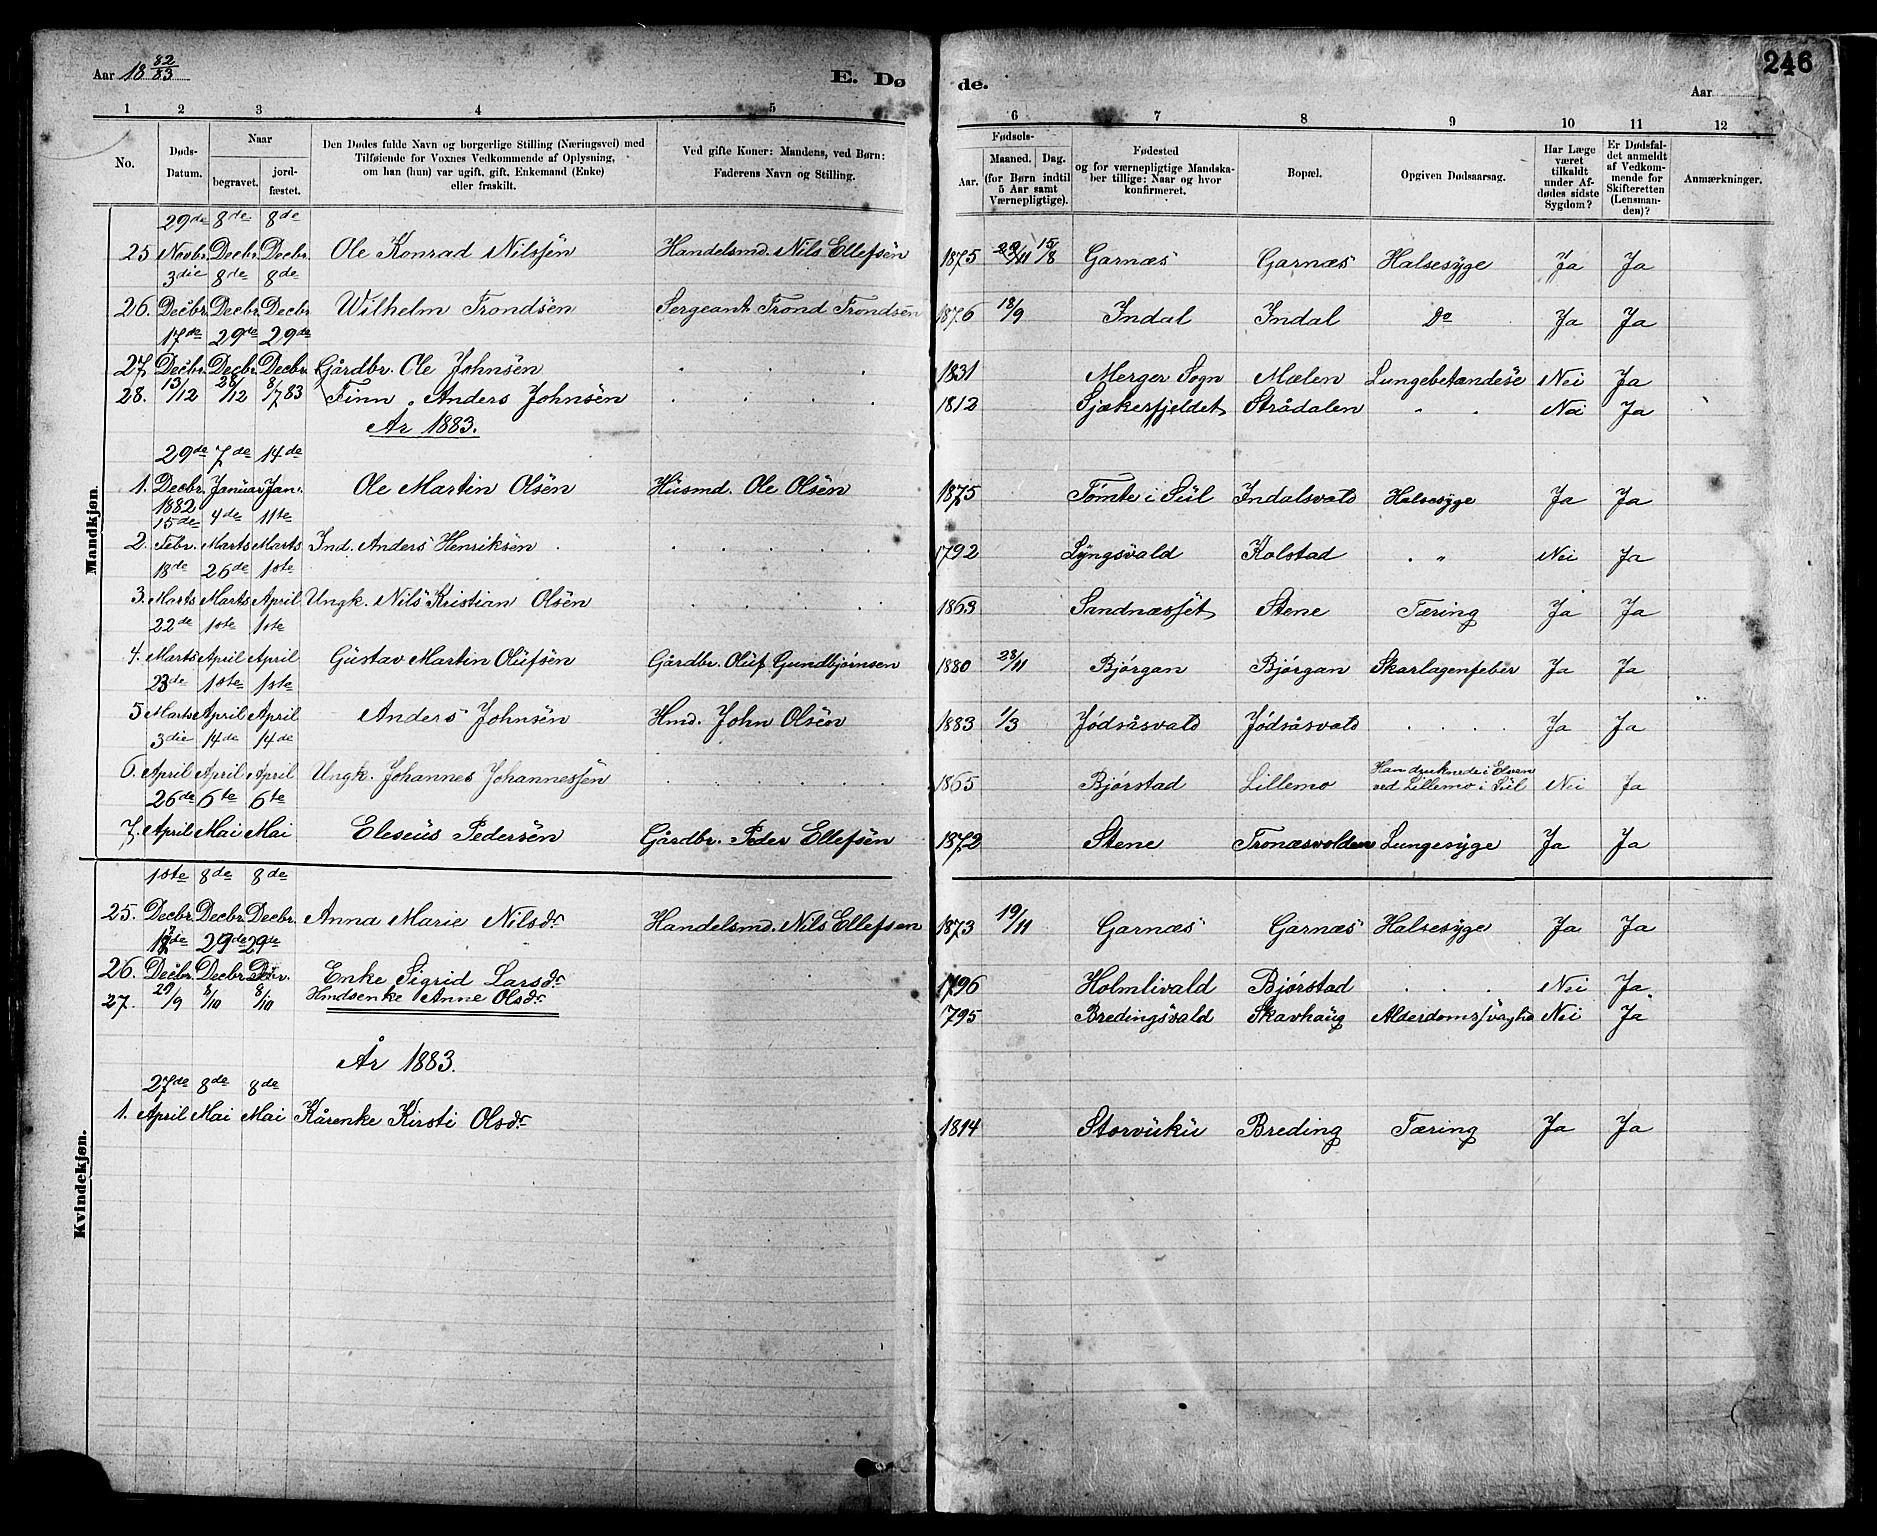 SAT, Ministerialprotokoller, klokkerbøker og fødselsregistre - Nord-Trøndelag, 724/L0267: Klokkerbok nr. 724C03, 1879-1898, s. 246